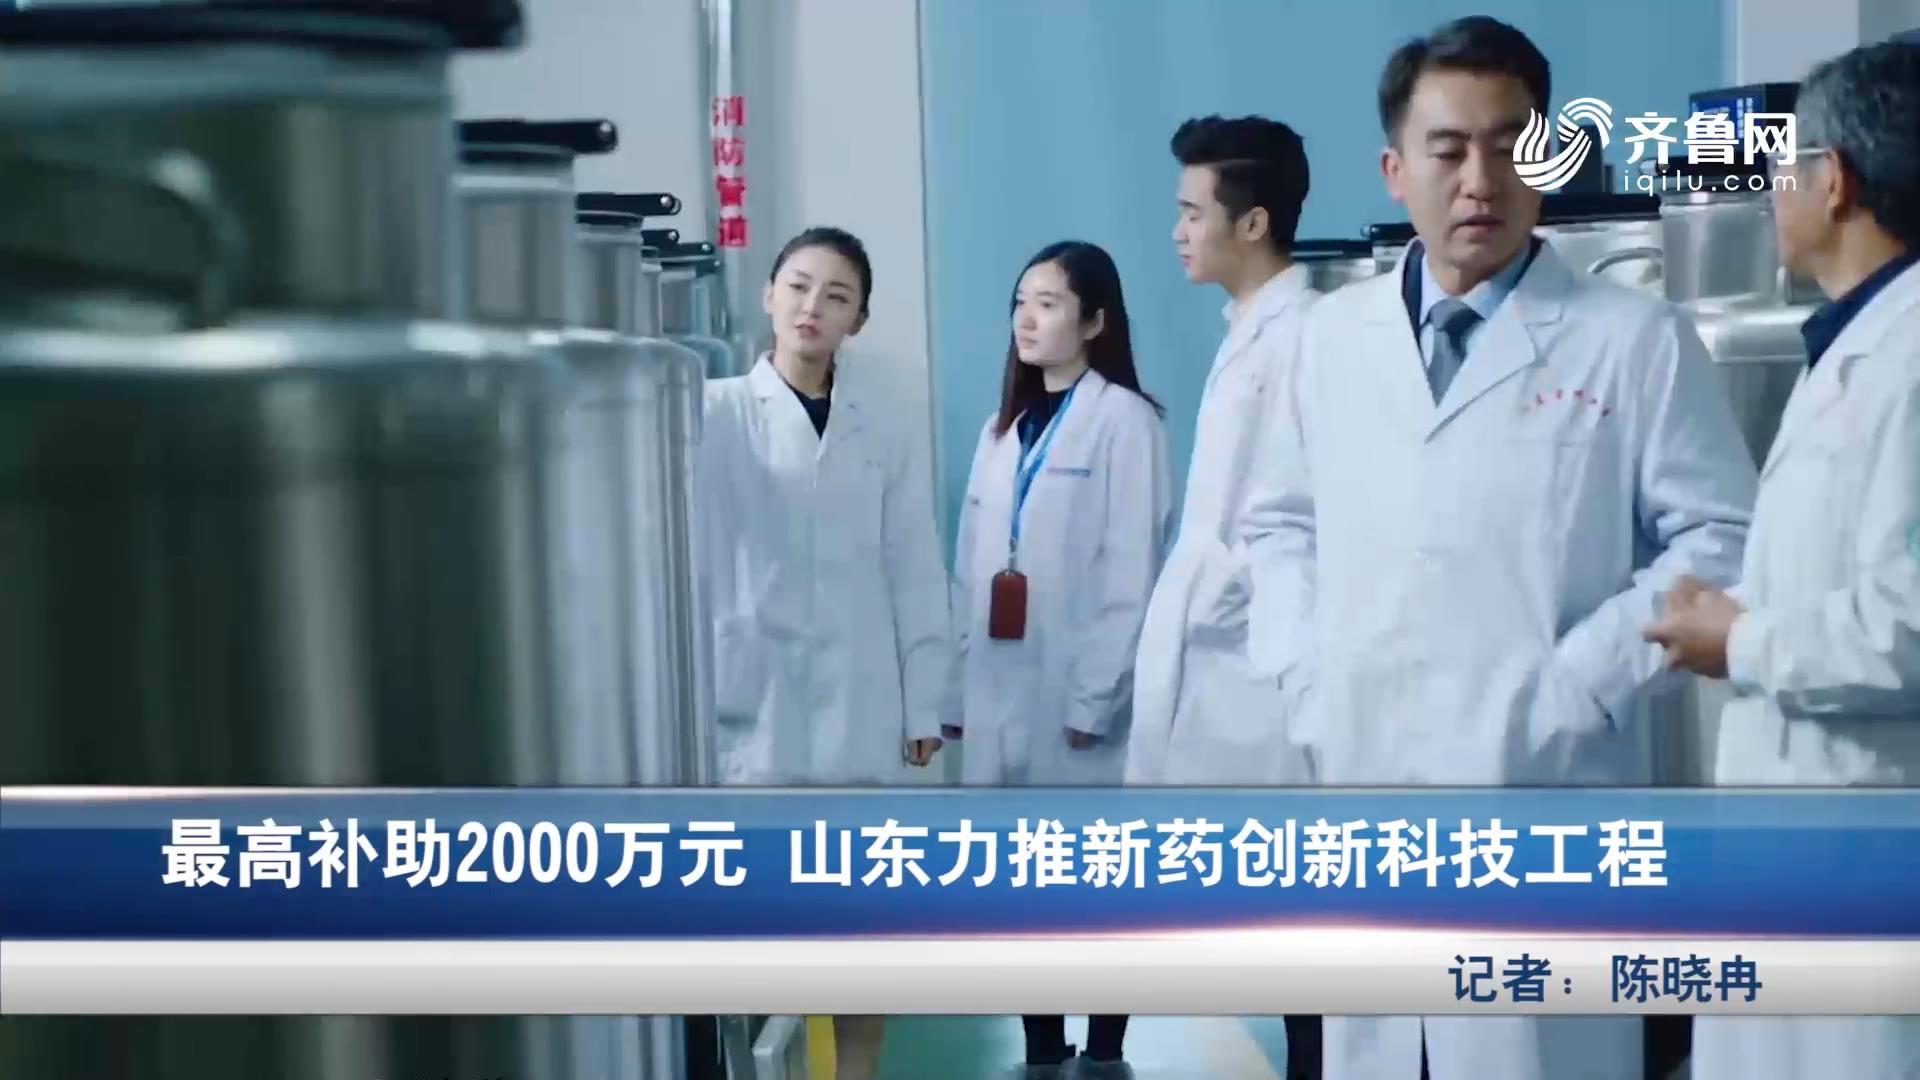 最高补助两千万元龙都longdu66龙都娱乐力推新药创新科技工程